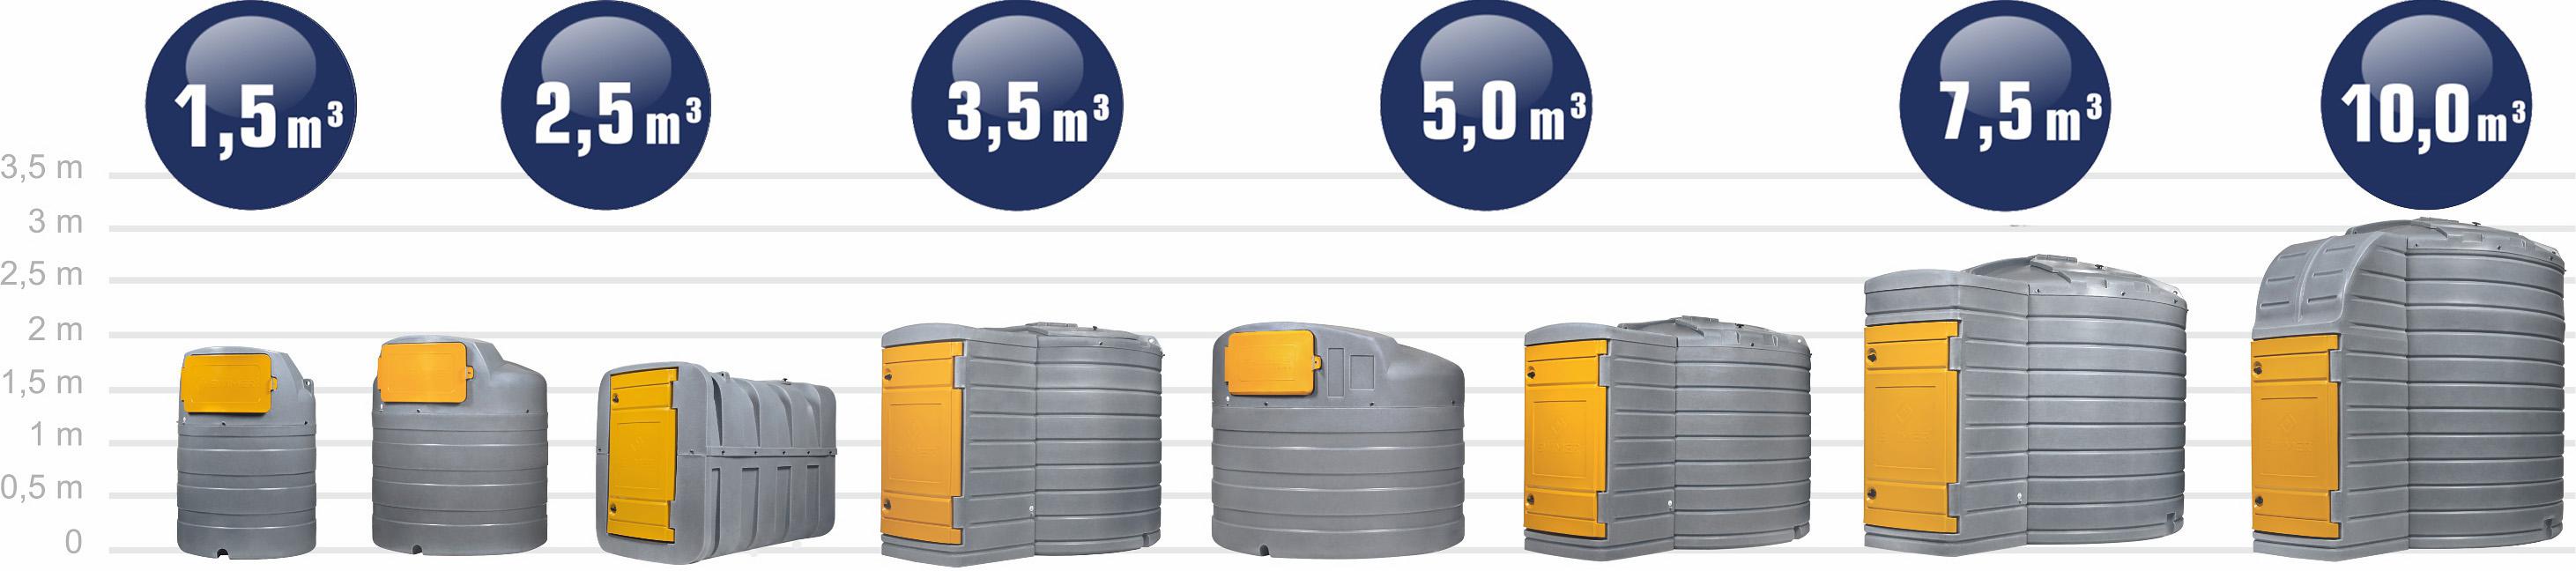 Stations de distribution de gasoil